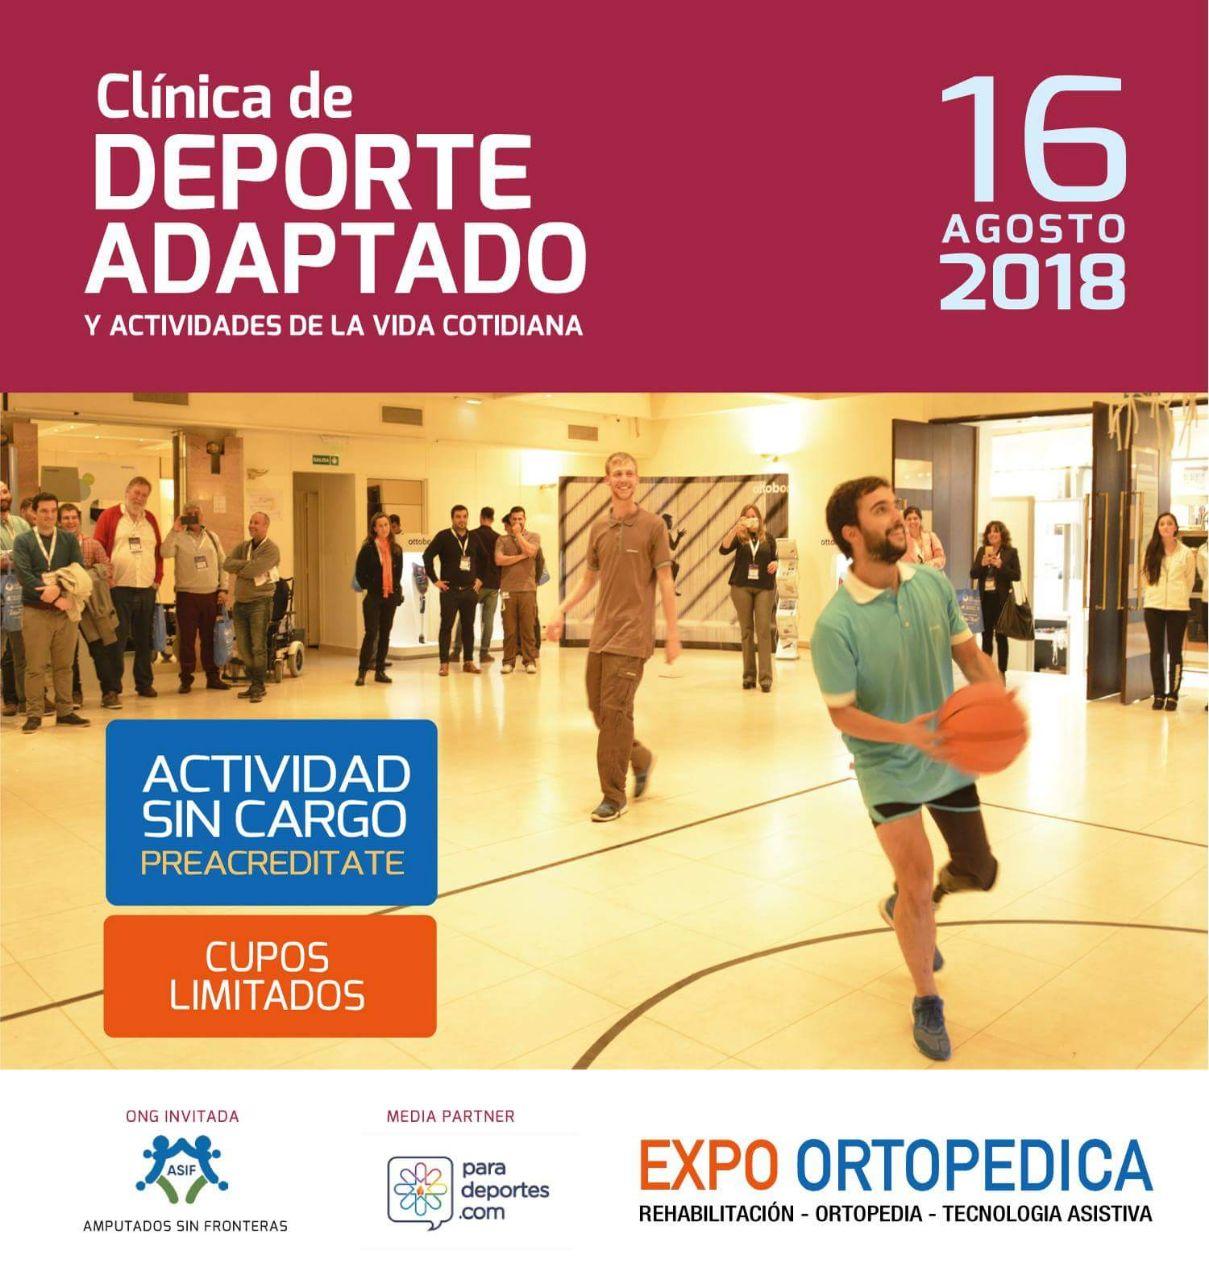 El deporte adaptado tendrá su espacio en la 8va. Expo Ortopédica